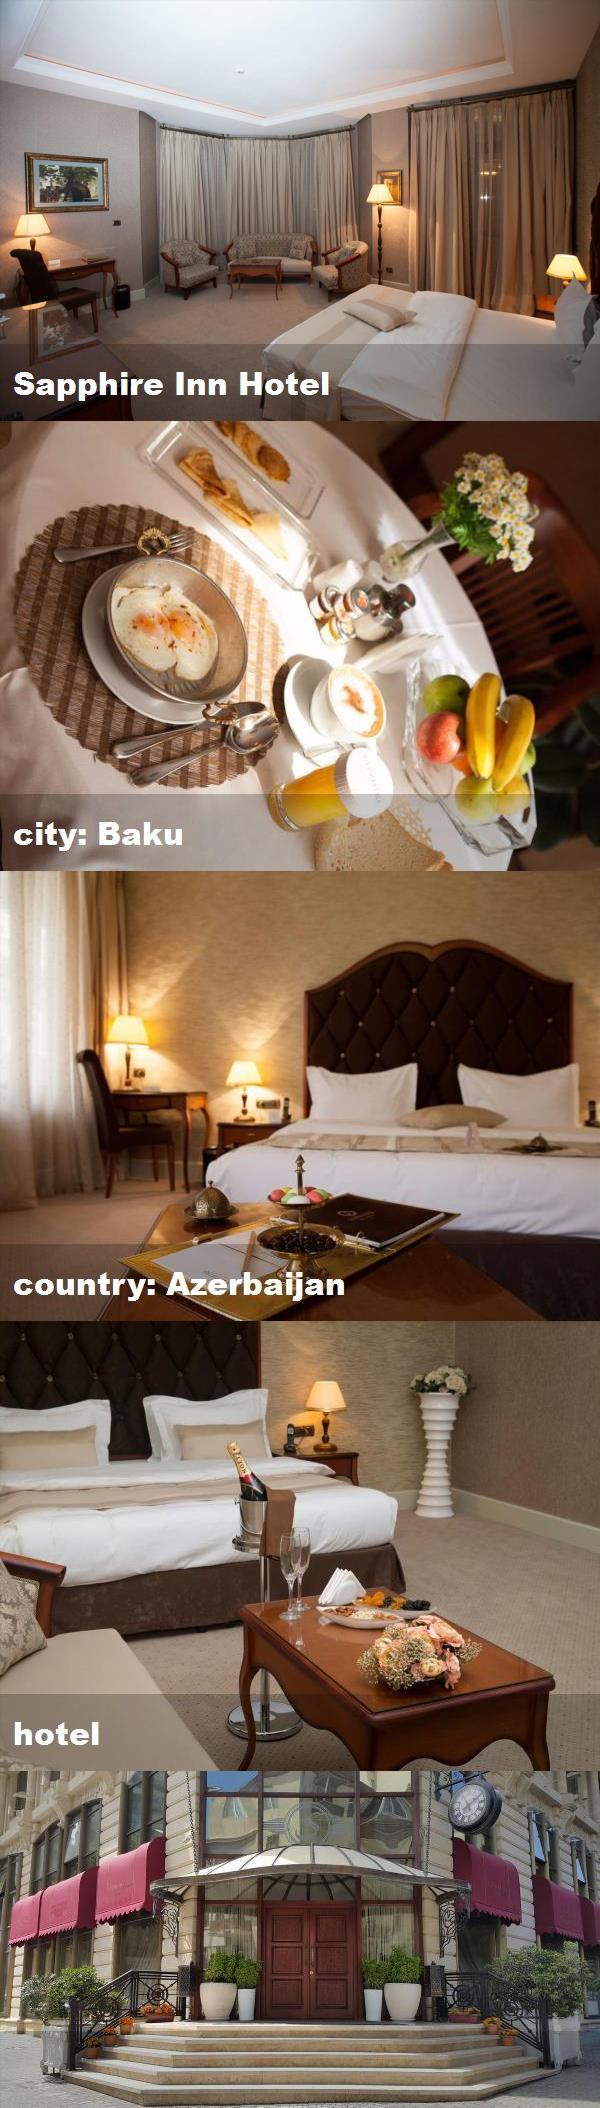 Sapphire Inn Hotel City Baku Country Azerbaijan Hotel Hotel Inn Fountain Square